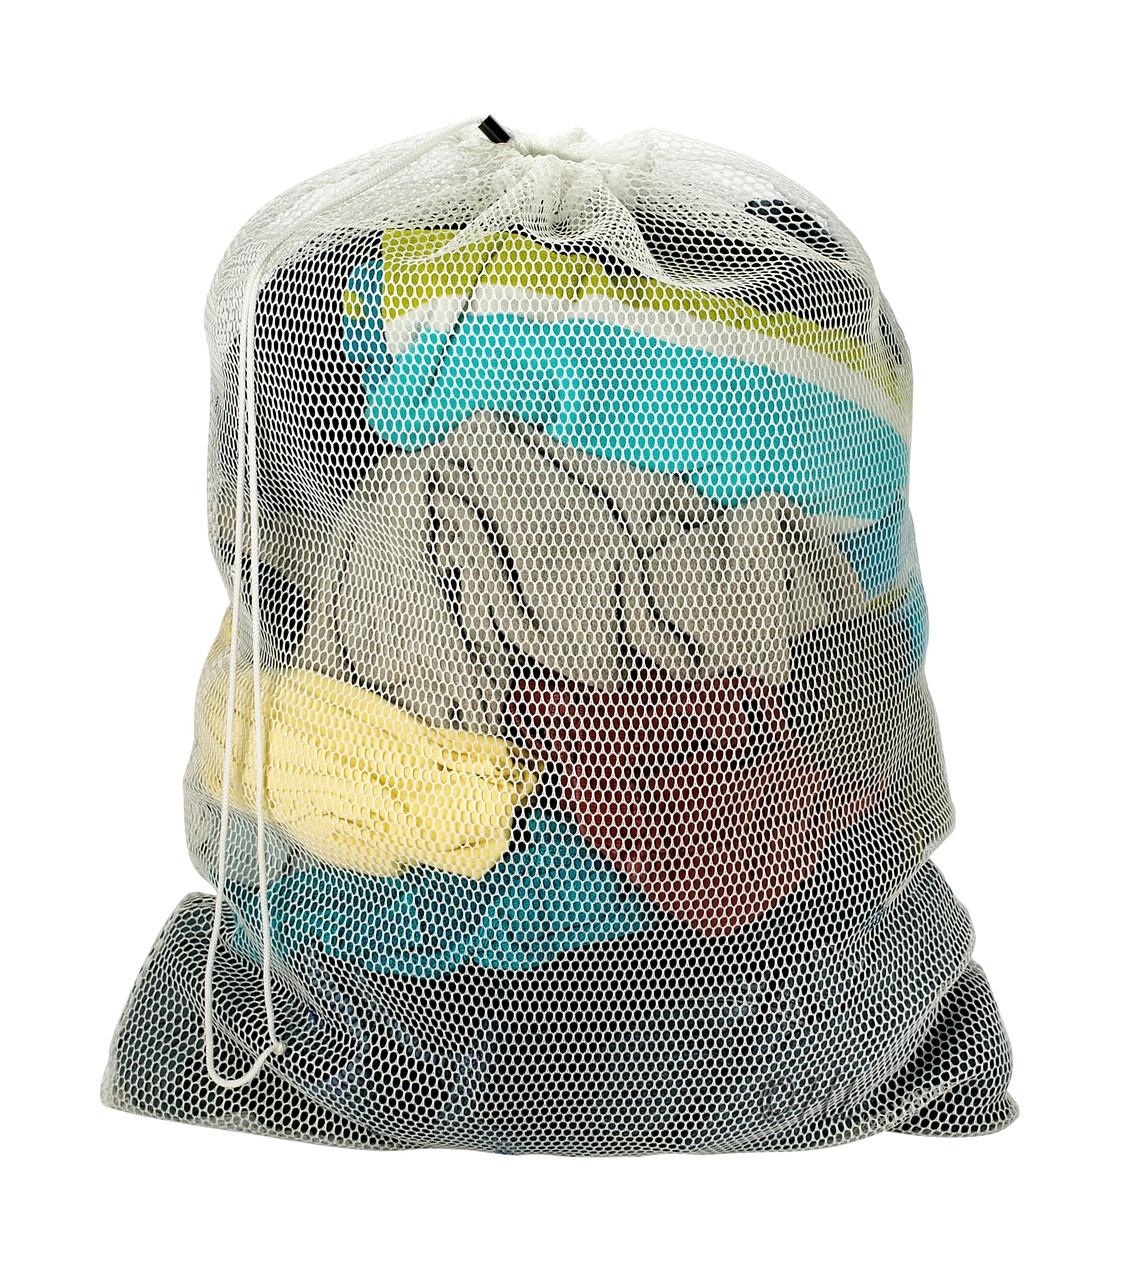 783a9ec68f694 Mesh Laundry Bag